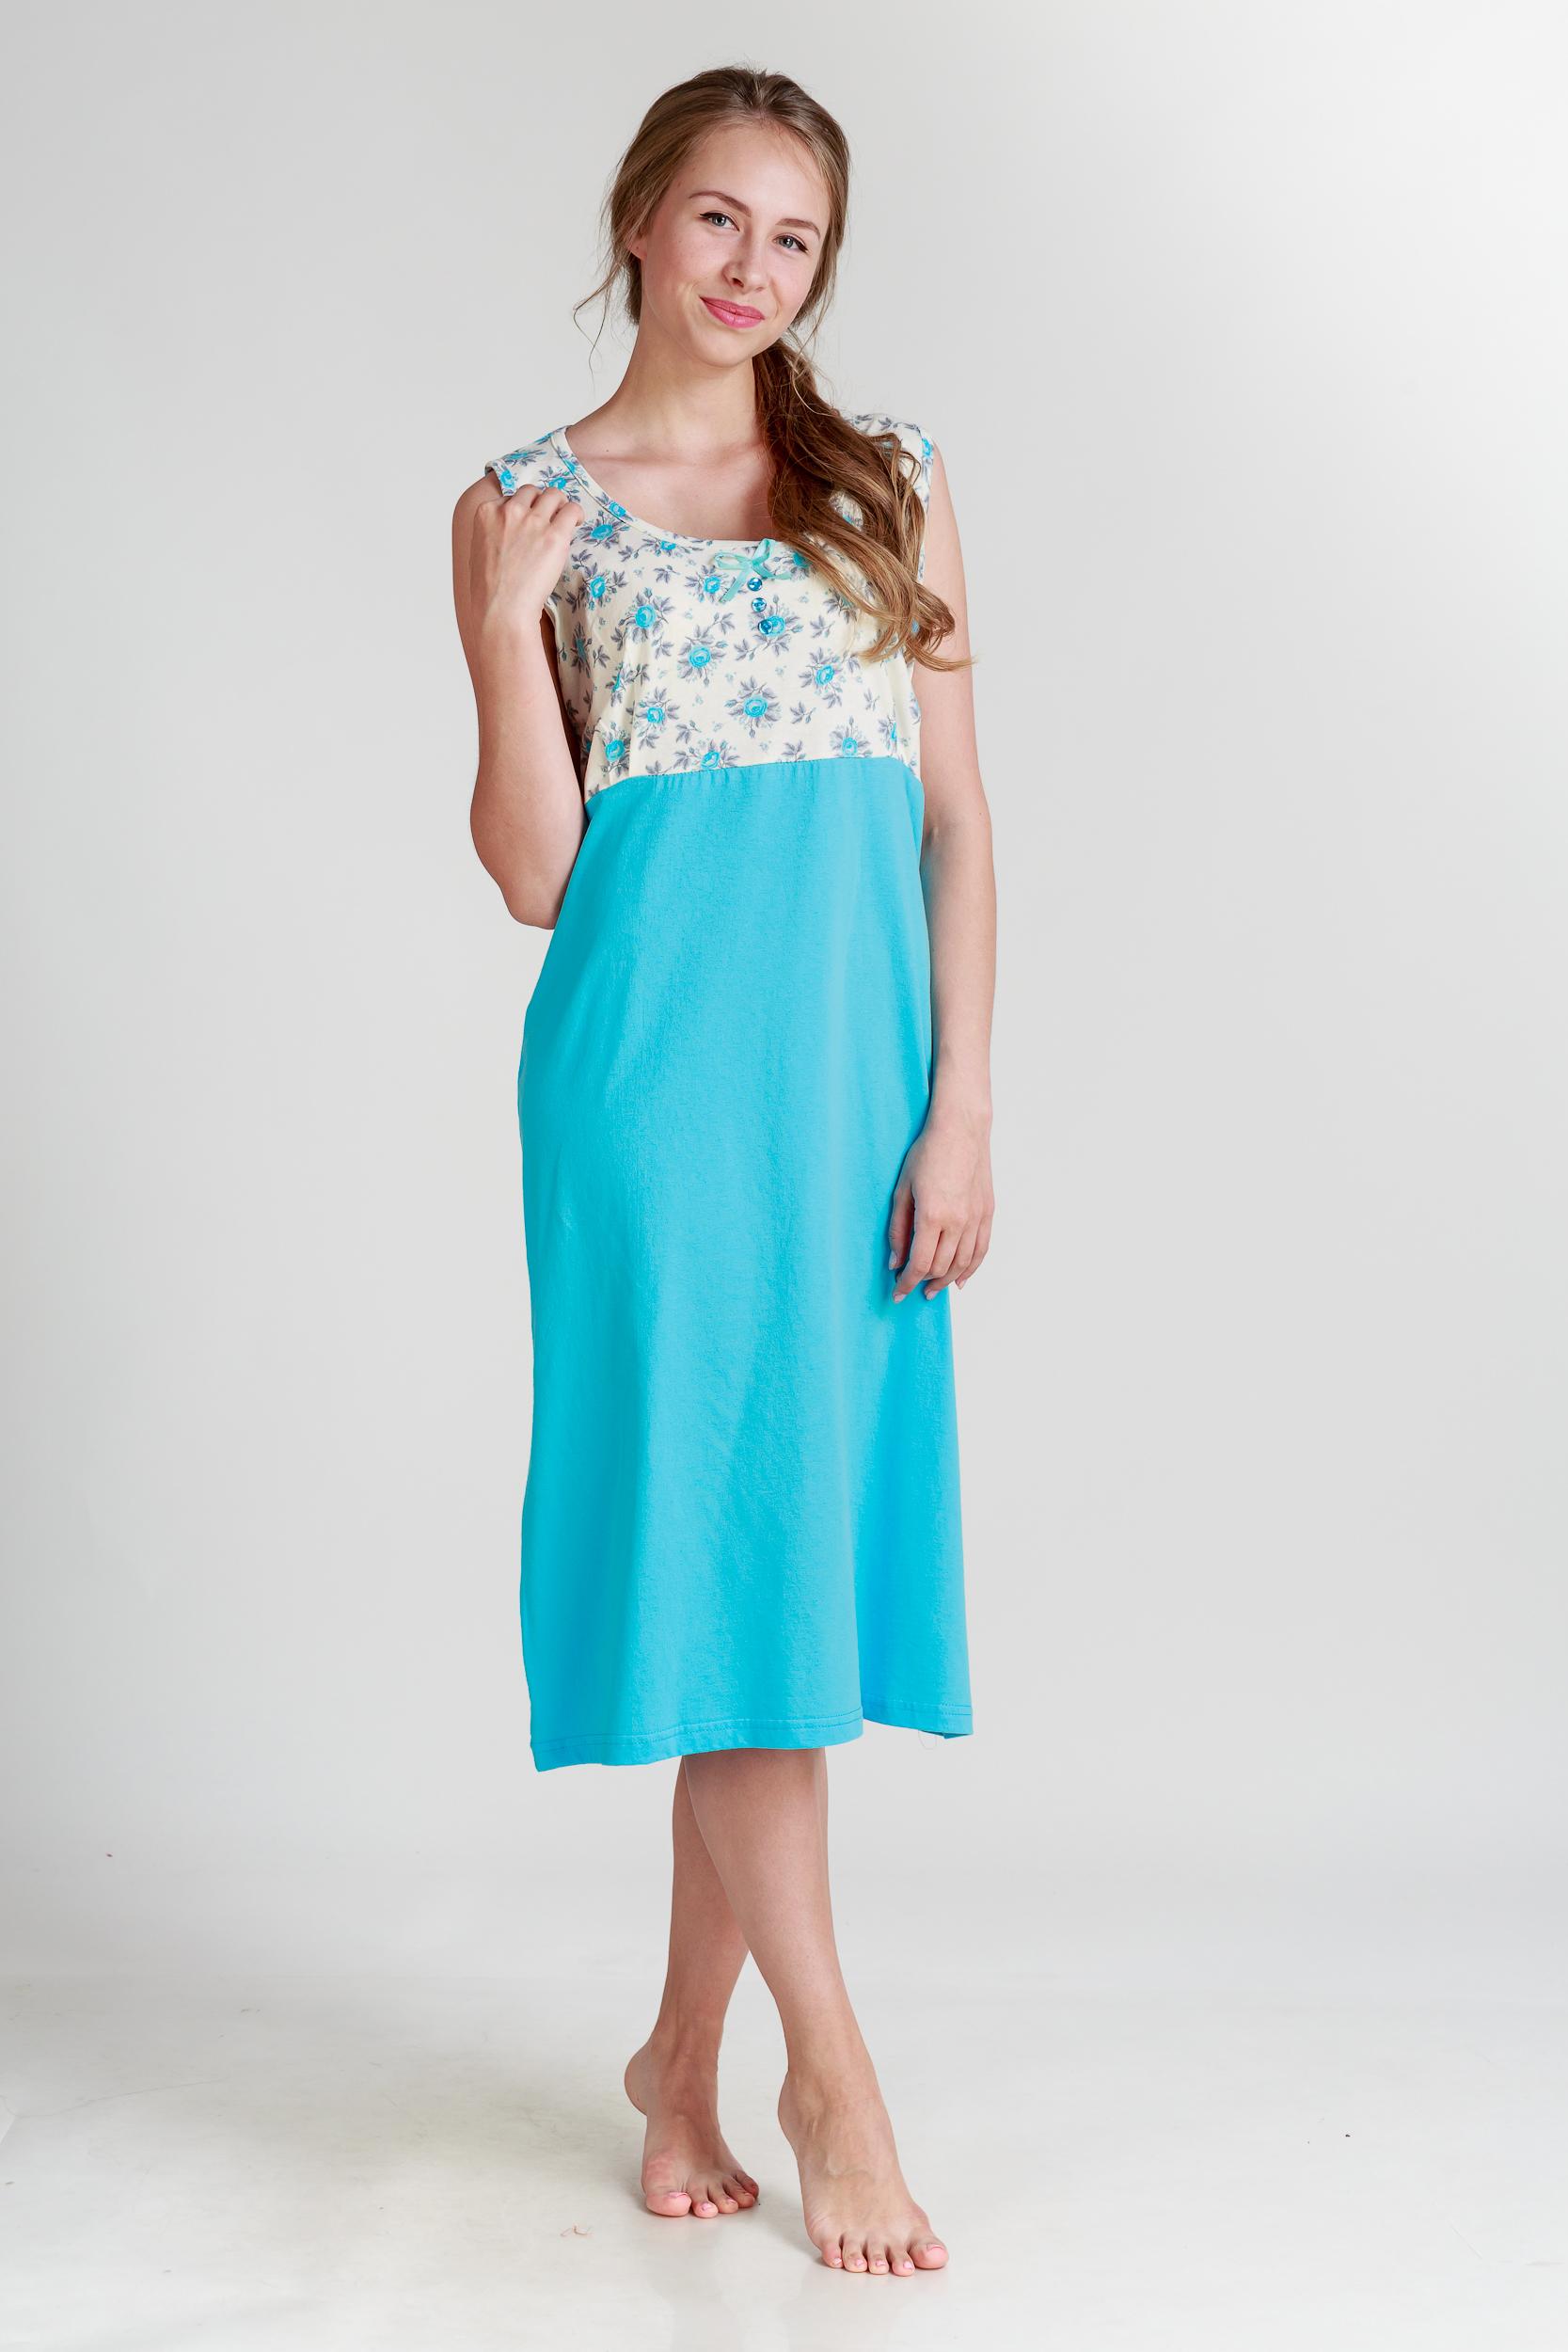 Ночные сорочки Pastilla Ночная сорочка Ваниль Цвет: Голубой (xxL-xxxL) сорочка ночная для беременных и кормящих мамин дом мамин дом цвет голубой 24130 размер 48